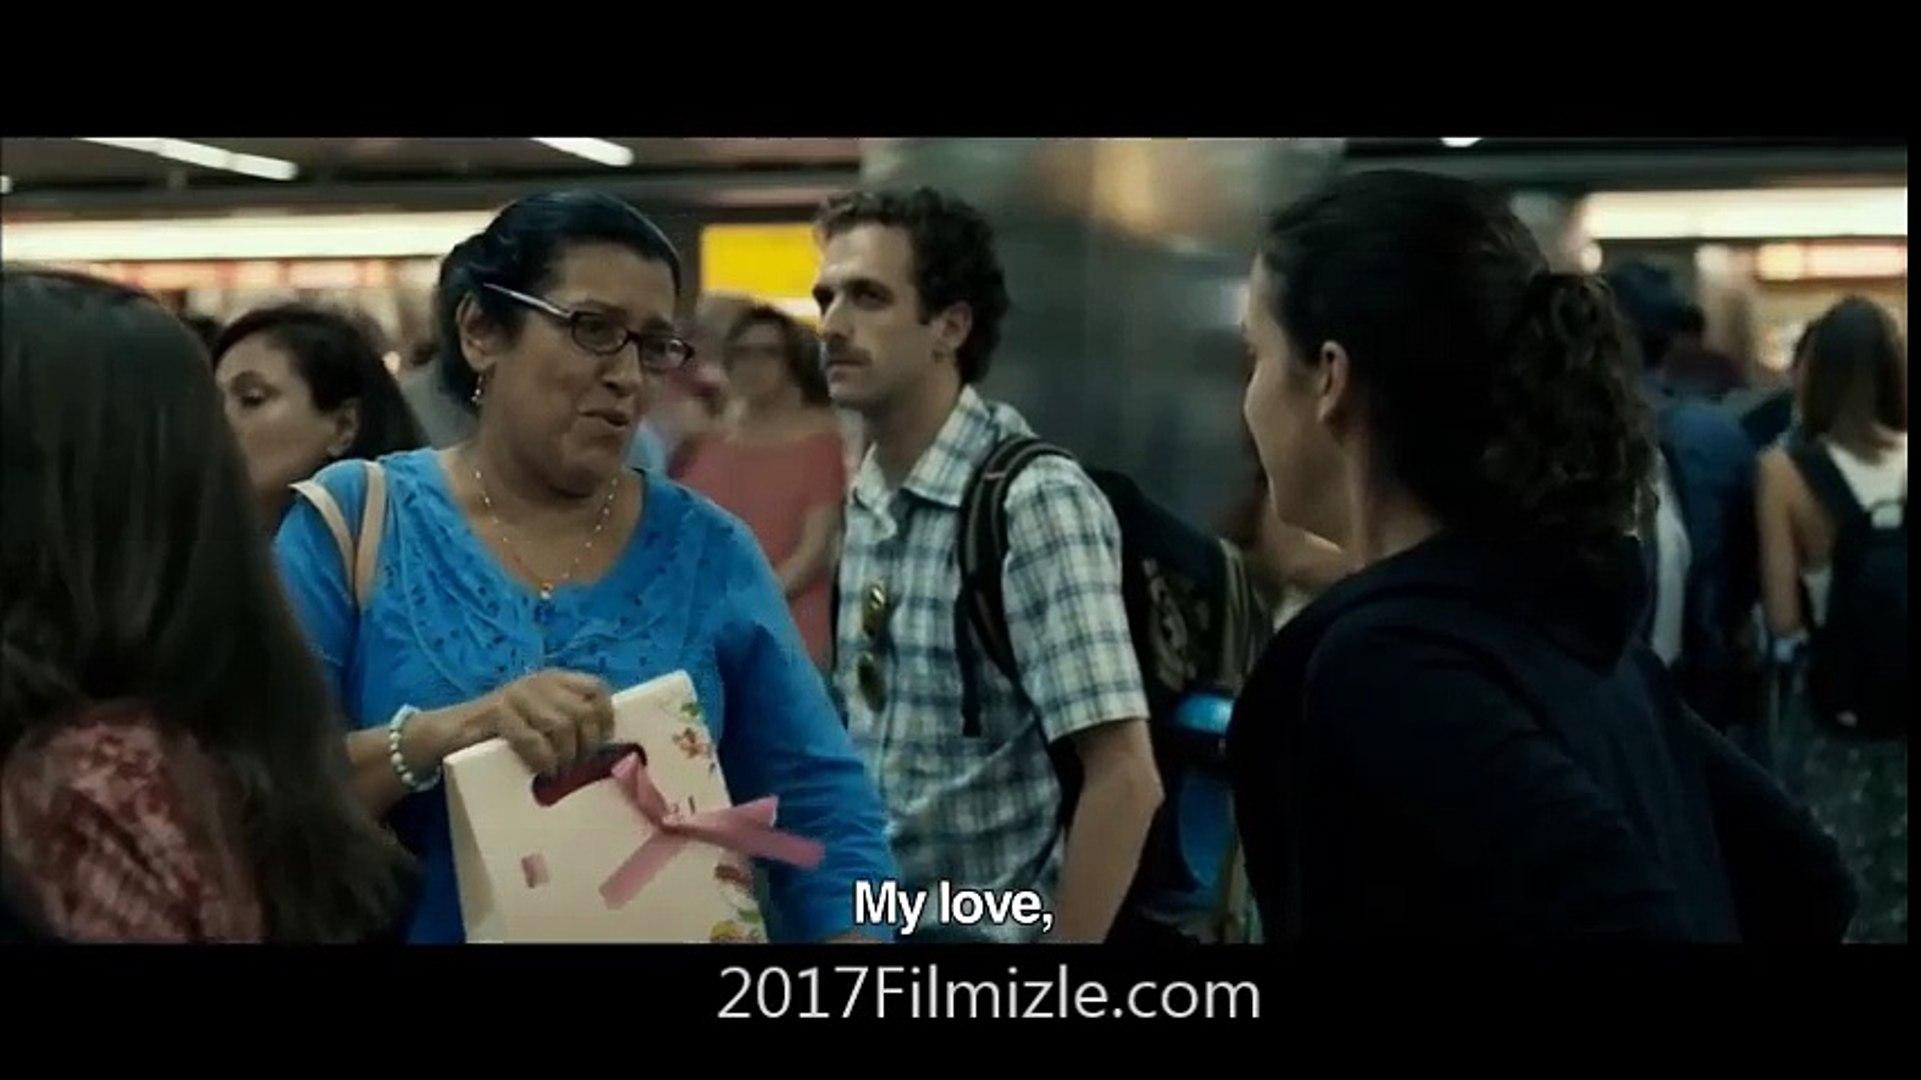 Annemle Geçen Yaz izle 2016 Fragman Trailer